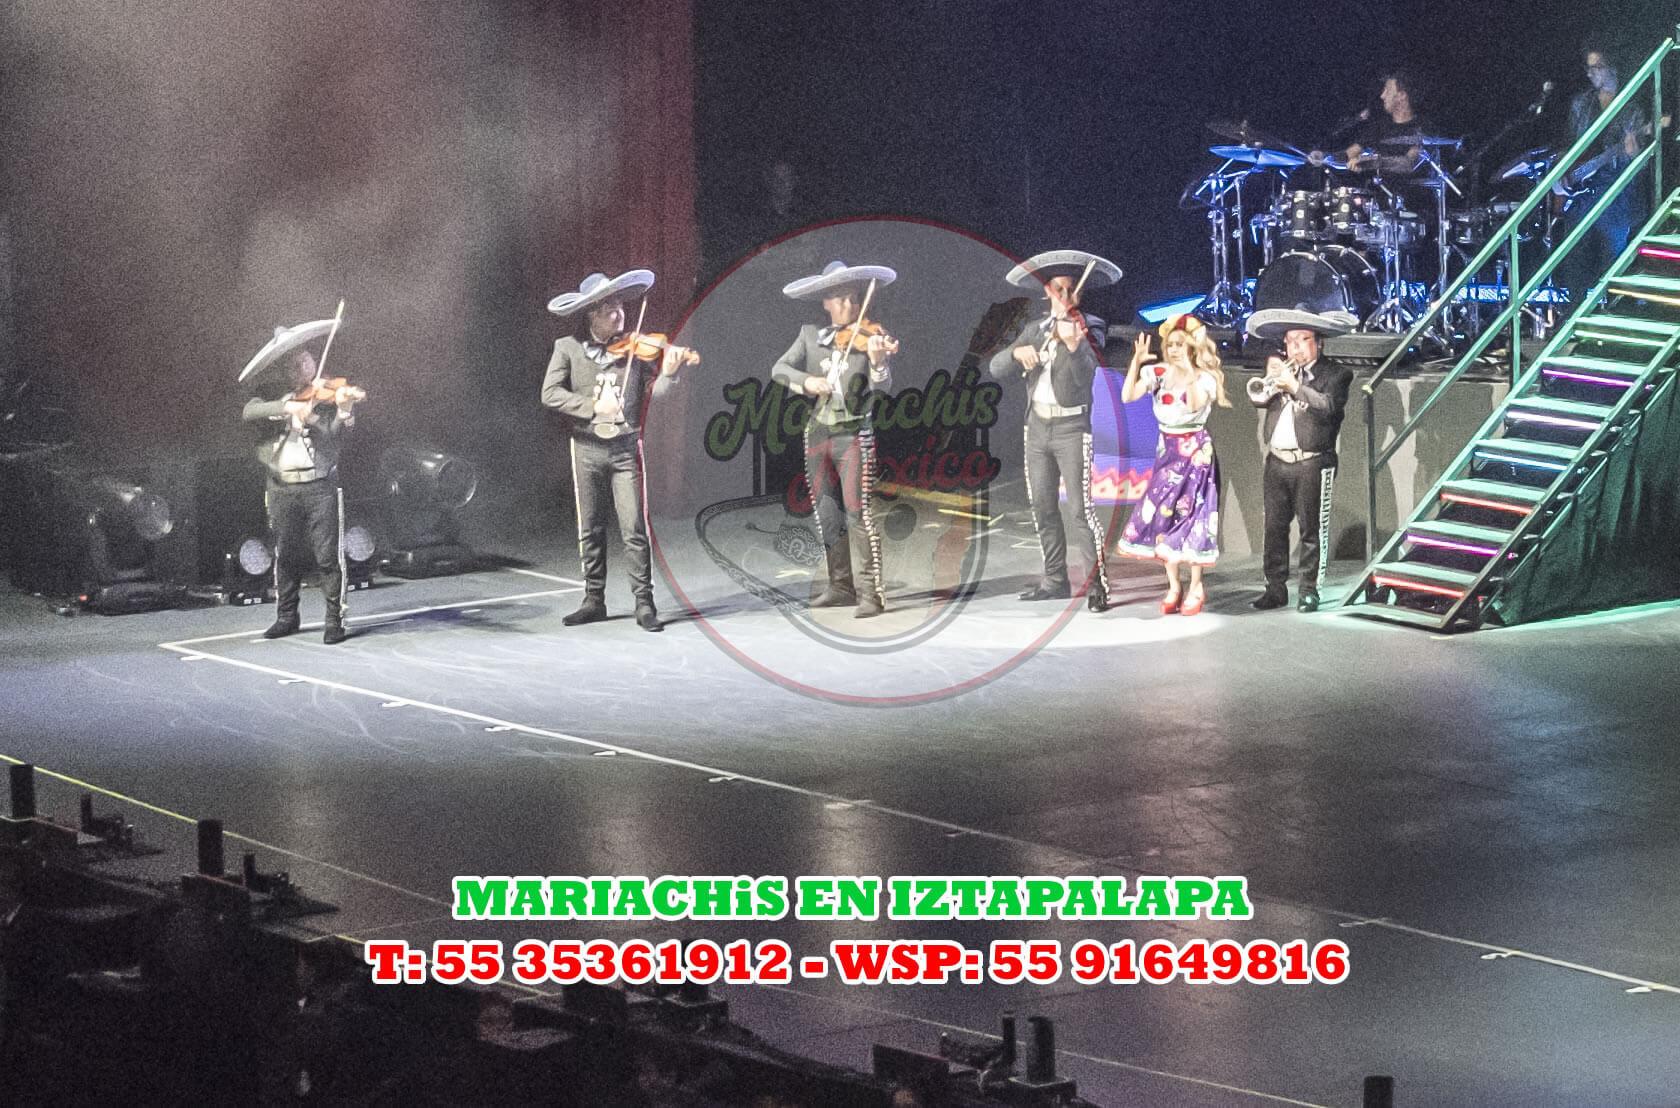 Mariachis en Iztapalapa